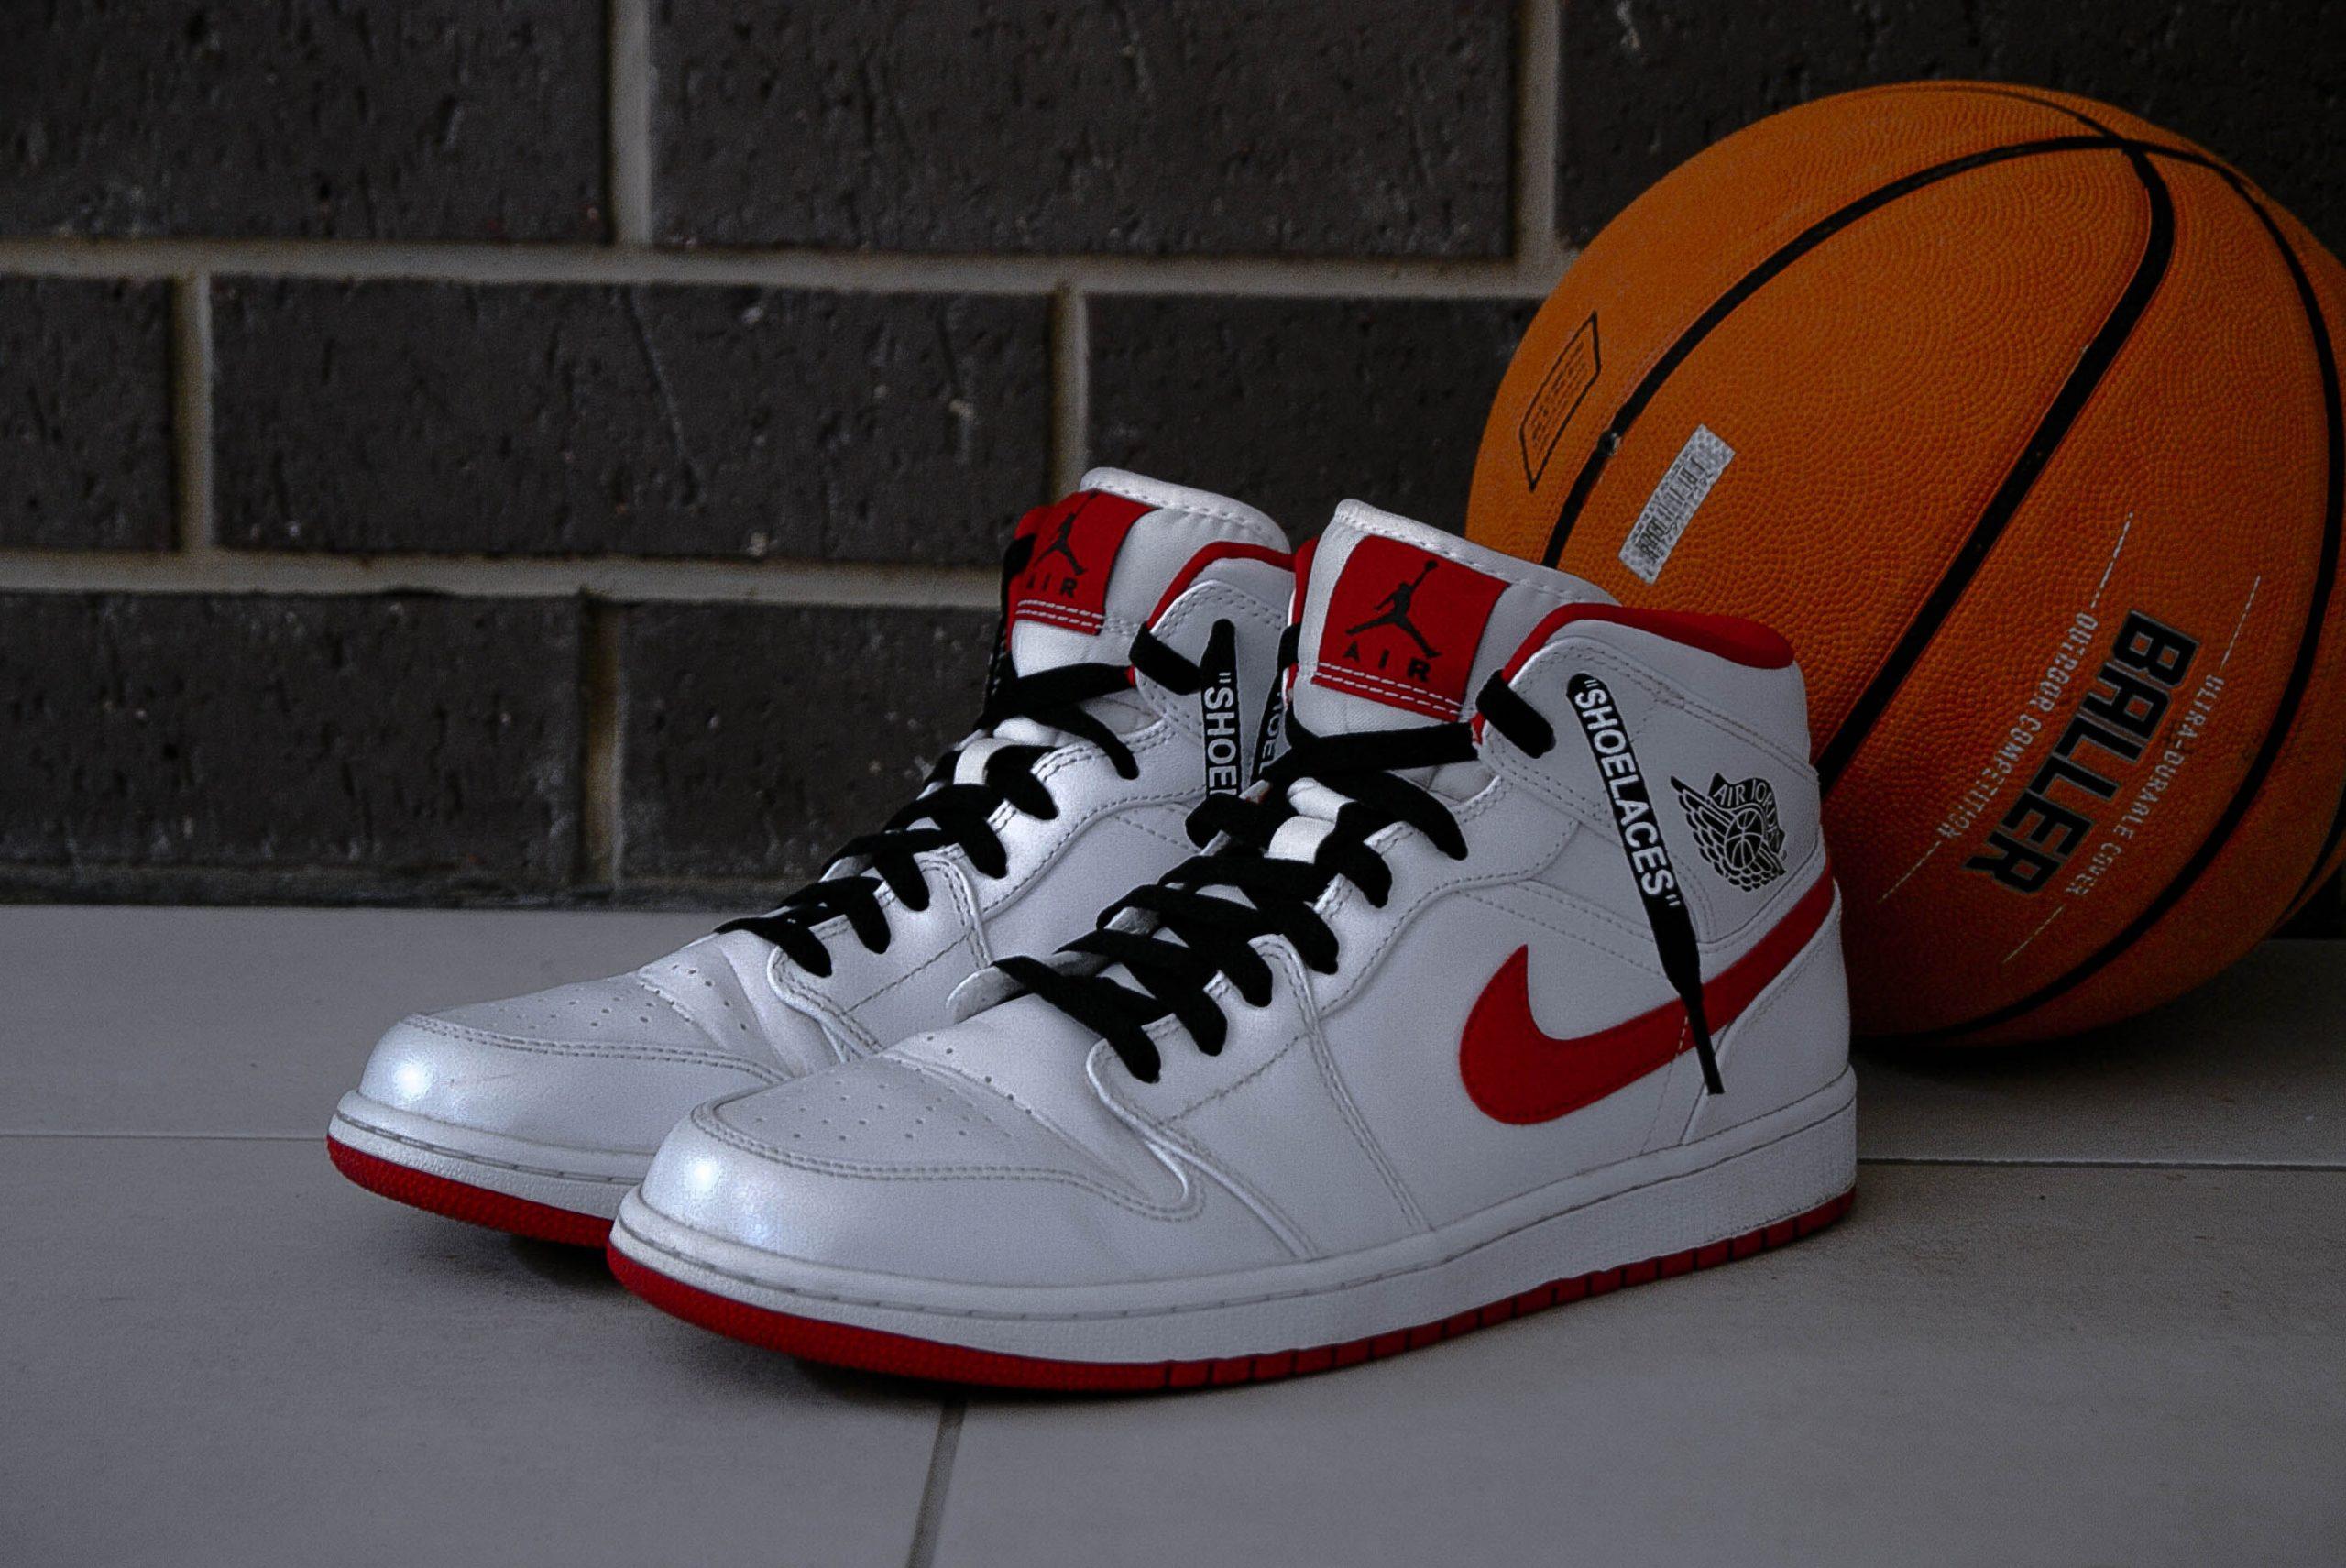 Imagem de um par de tênis de basquete.